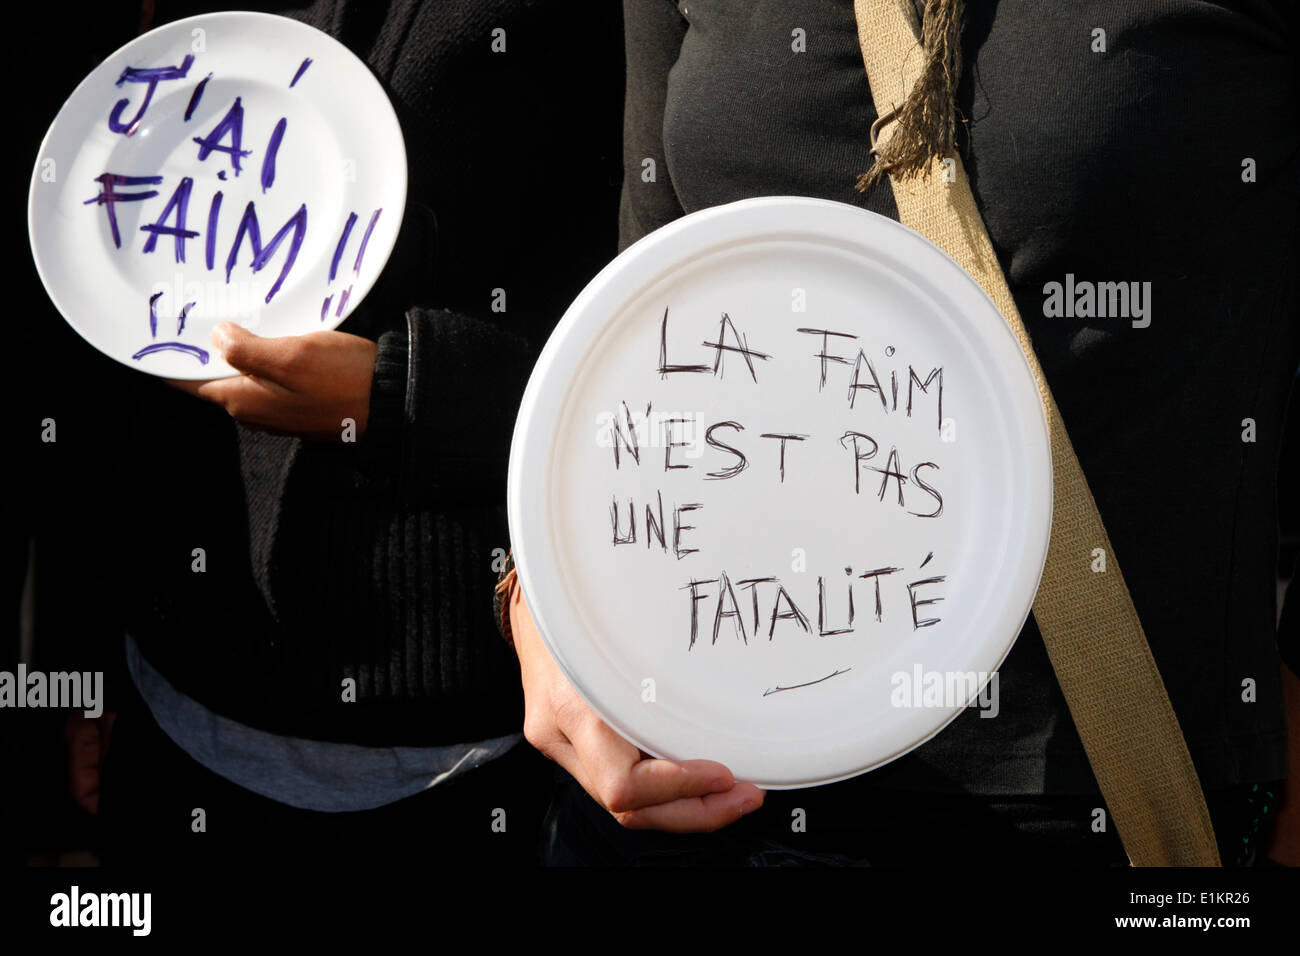 Manifestation contre la faim dans le monde avec l'ONG française CCFD. Photo Stock